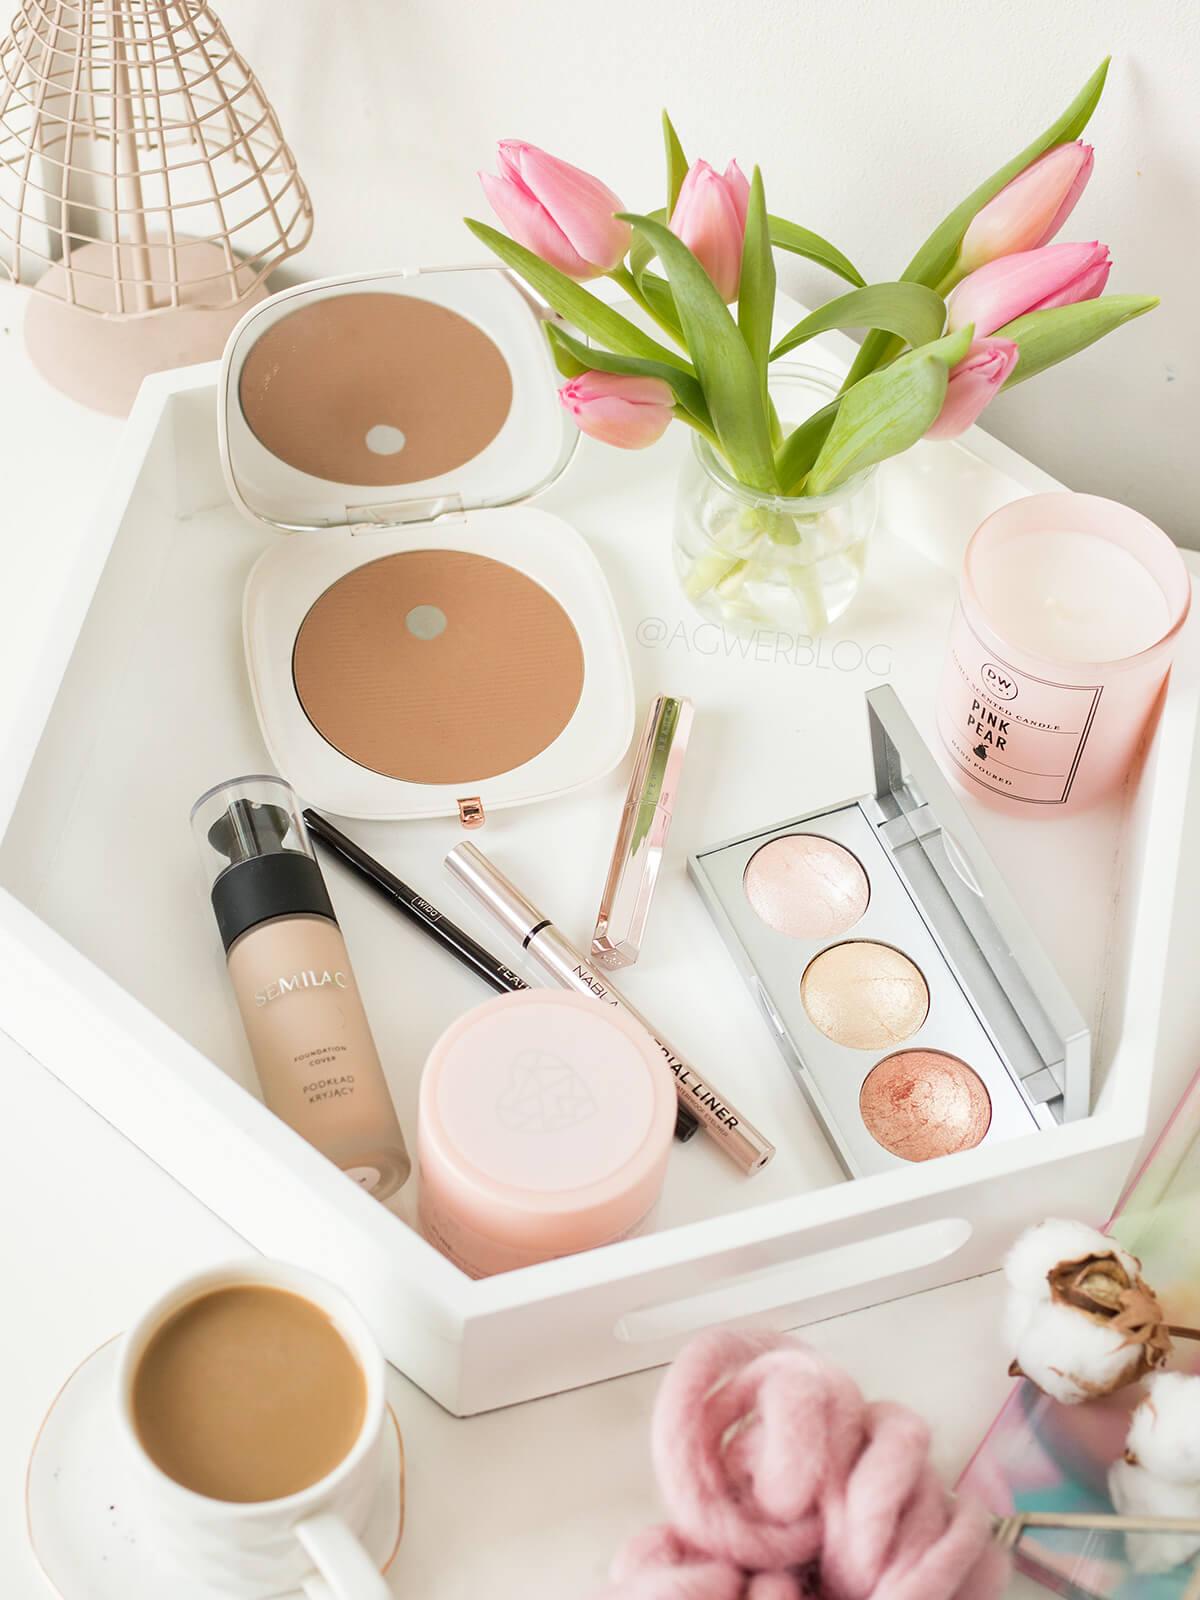 ulubieńcy kosmetyczni stycznia 2019